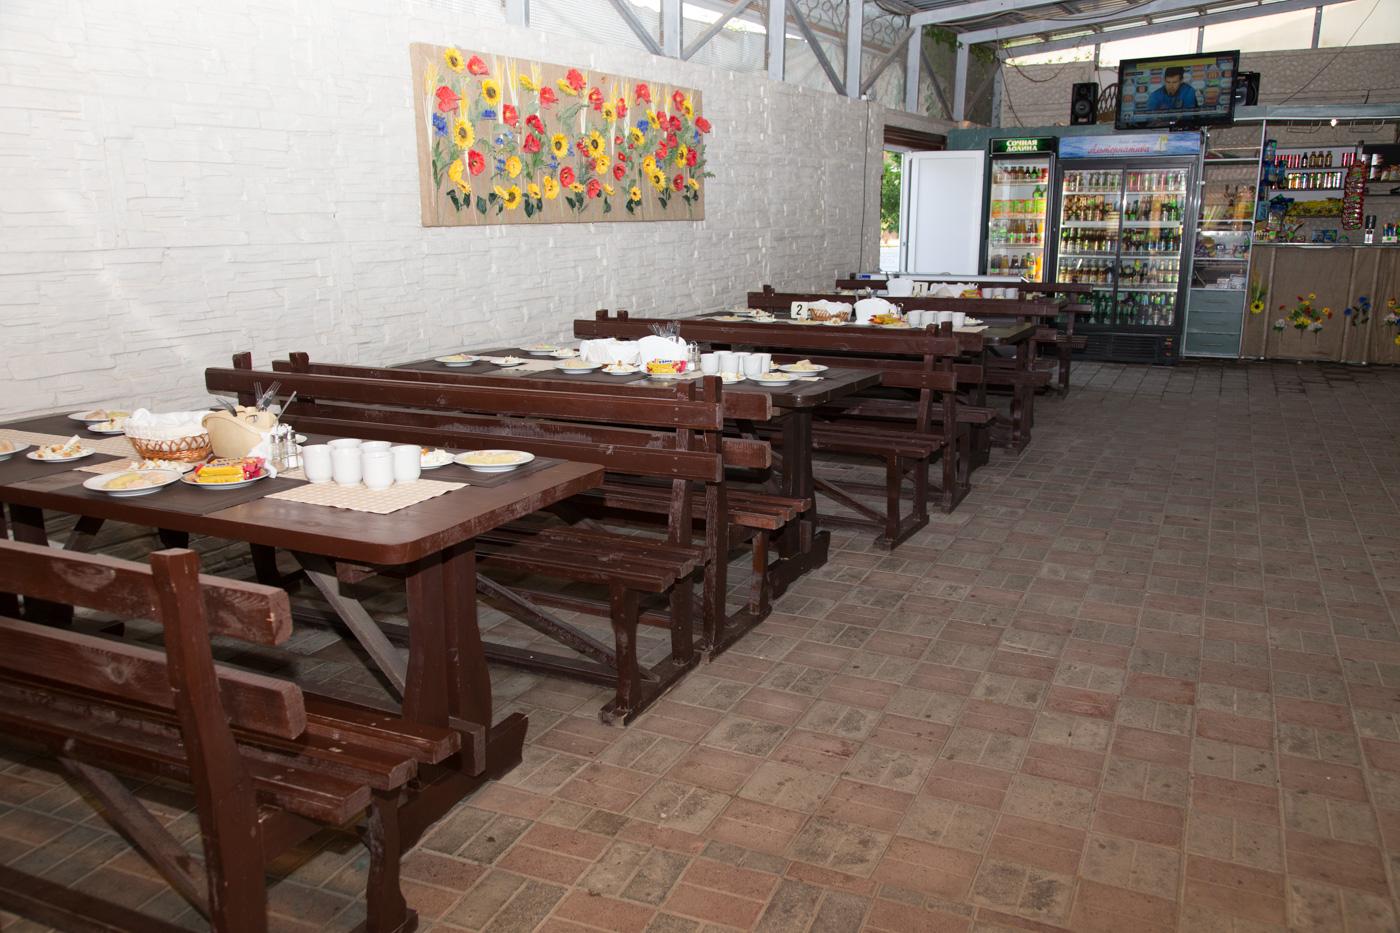 База отдыха Альтернатива, большой обеденный зал